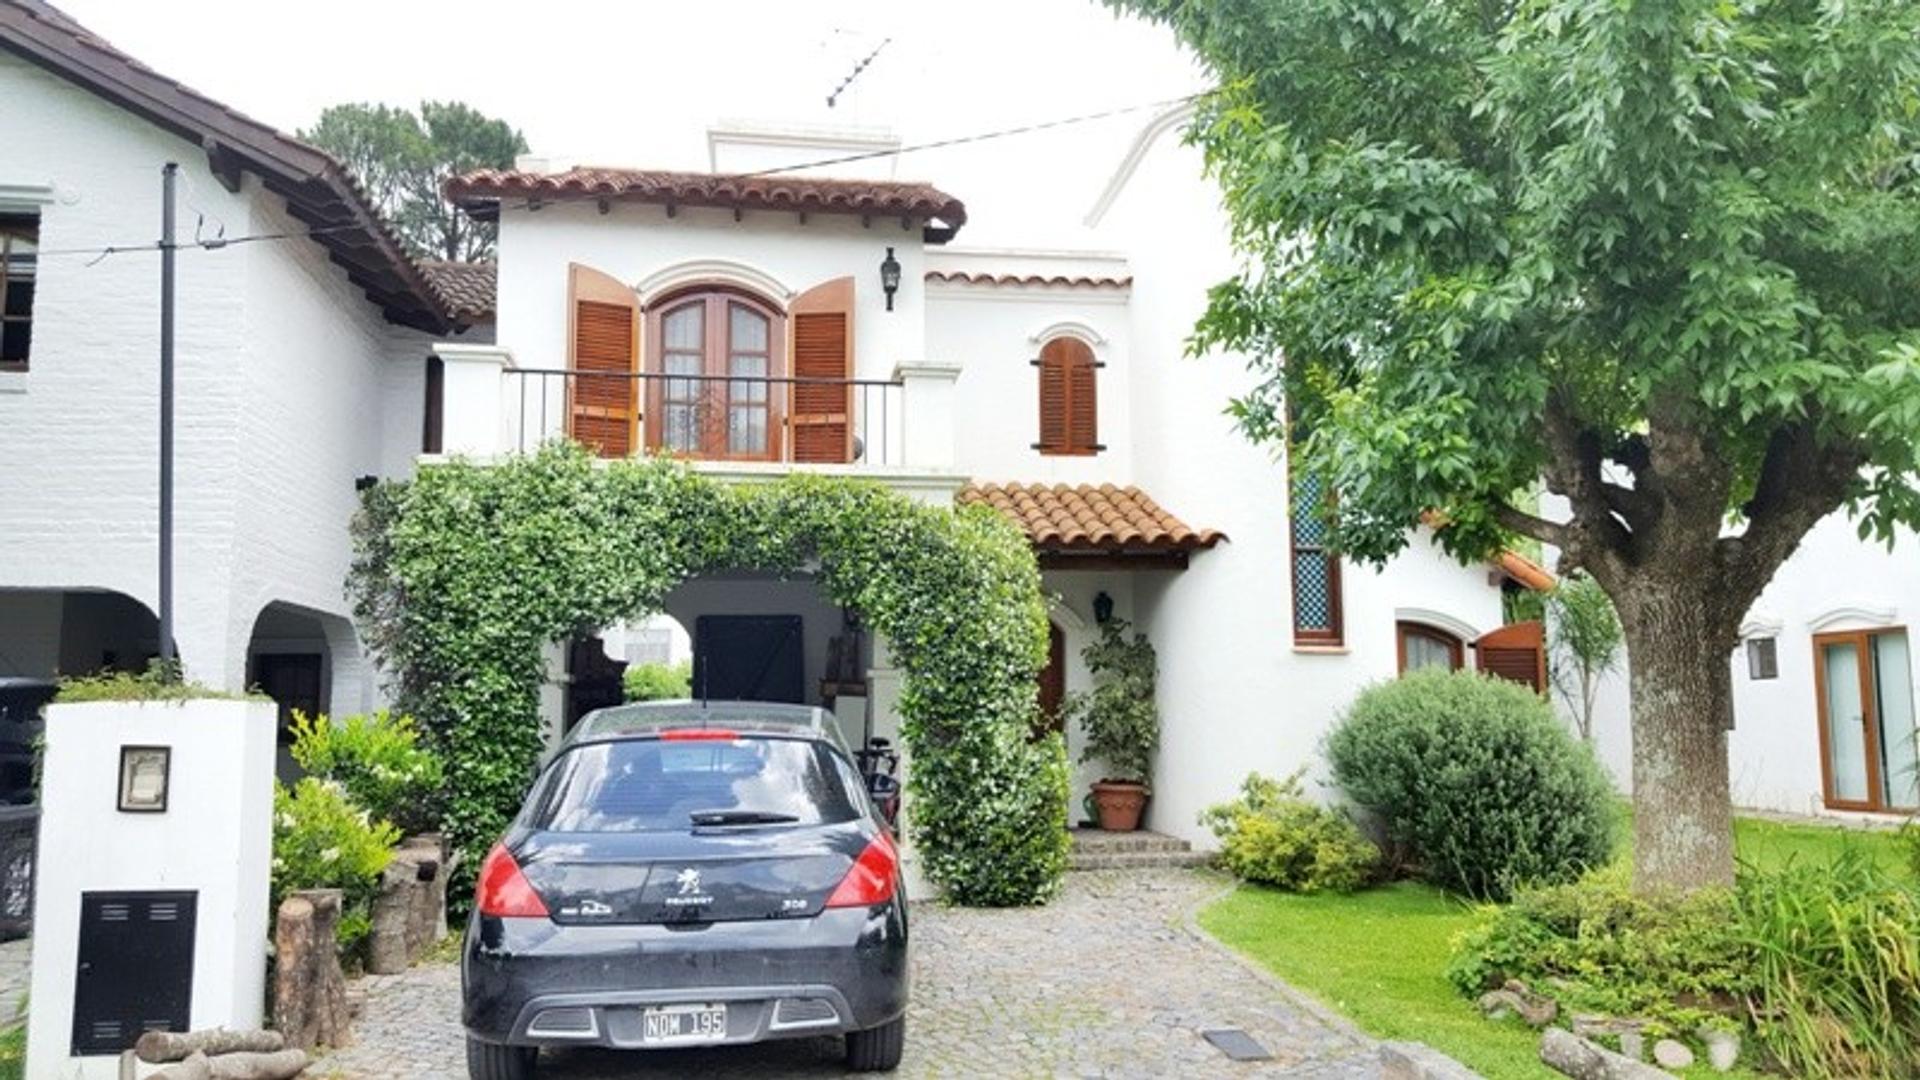 Casa en Venta  de 3 Dormitorios - Aranjuez Country Club